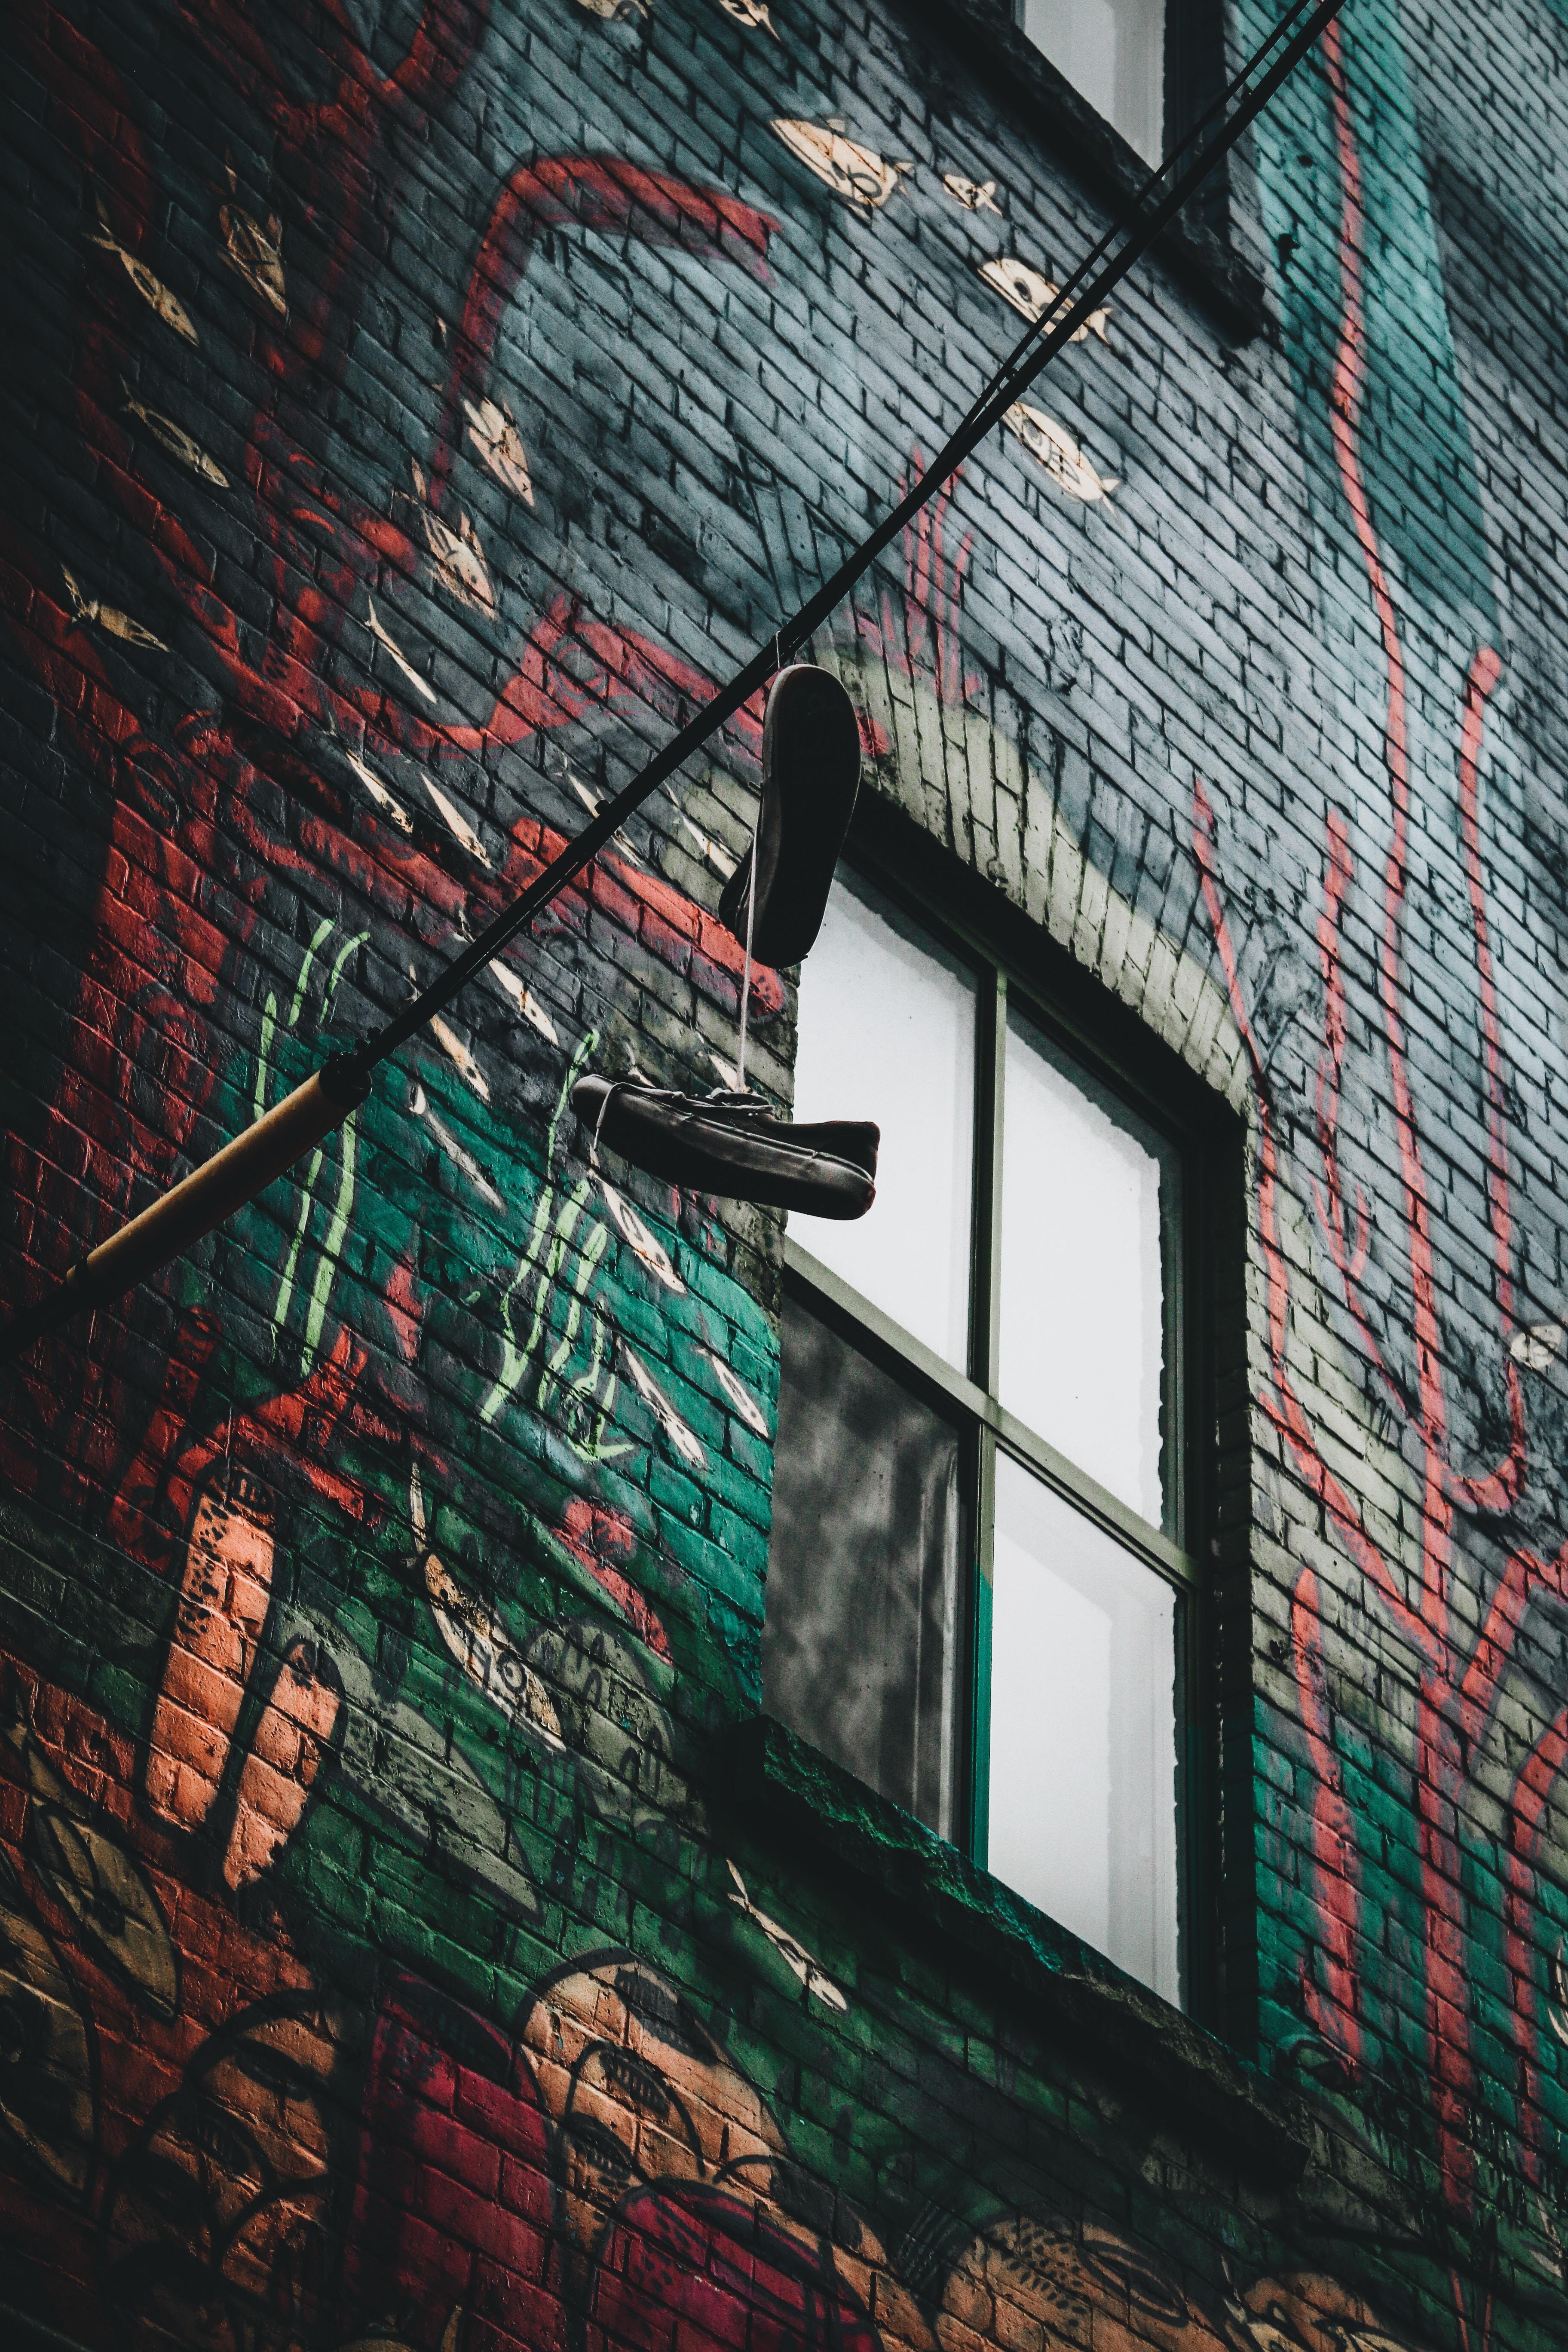 53943 Hintergrundbild herunterladen Verschiedenes, Sonstige, Turnschuhe, Wand, Fenster, Graffiti, Schuhe, Drähte, Draht - Bildschirmschoner und Bilder kostenlos